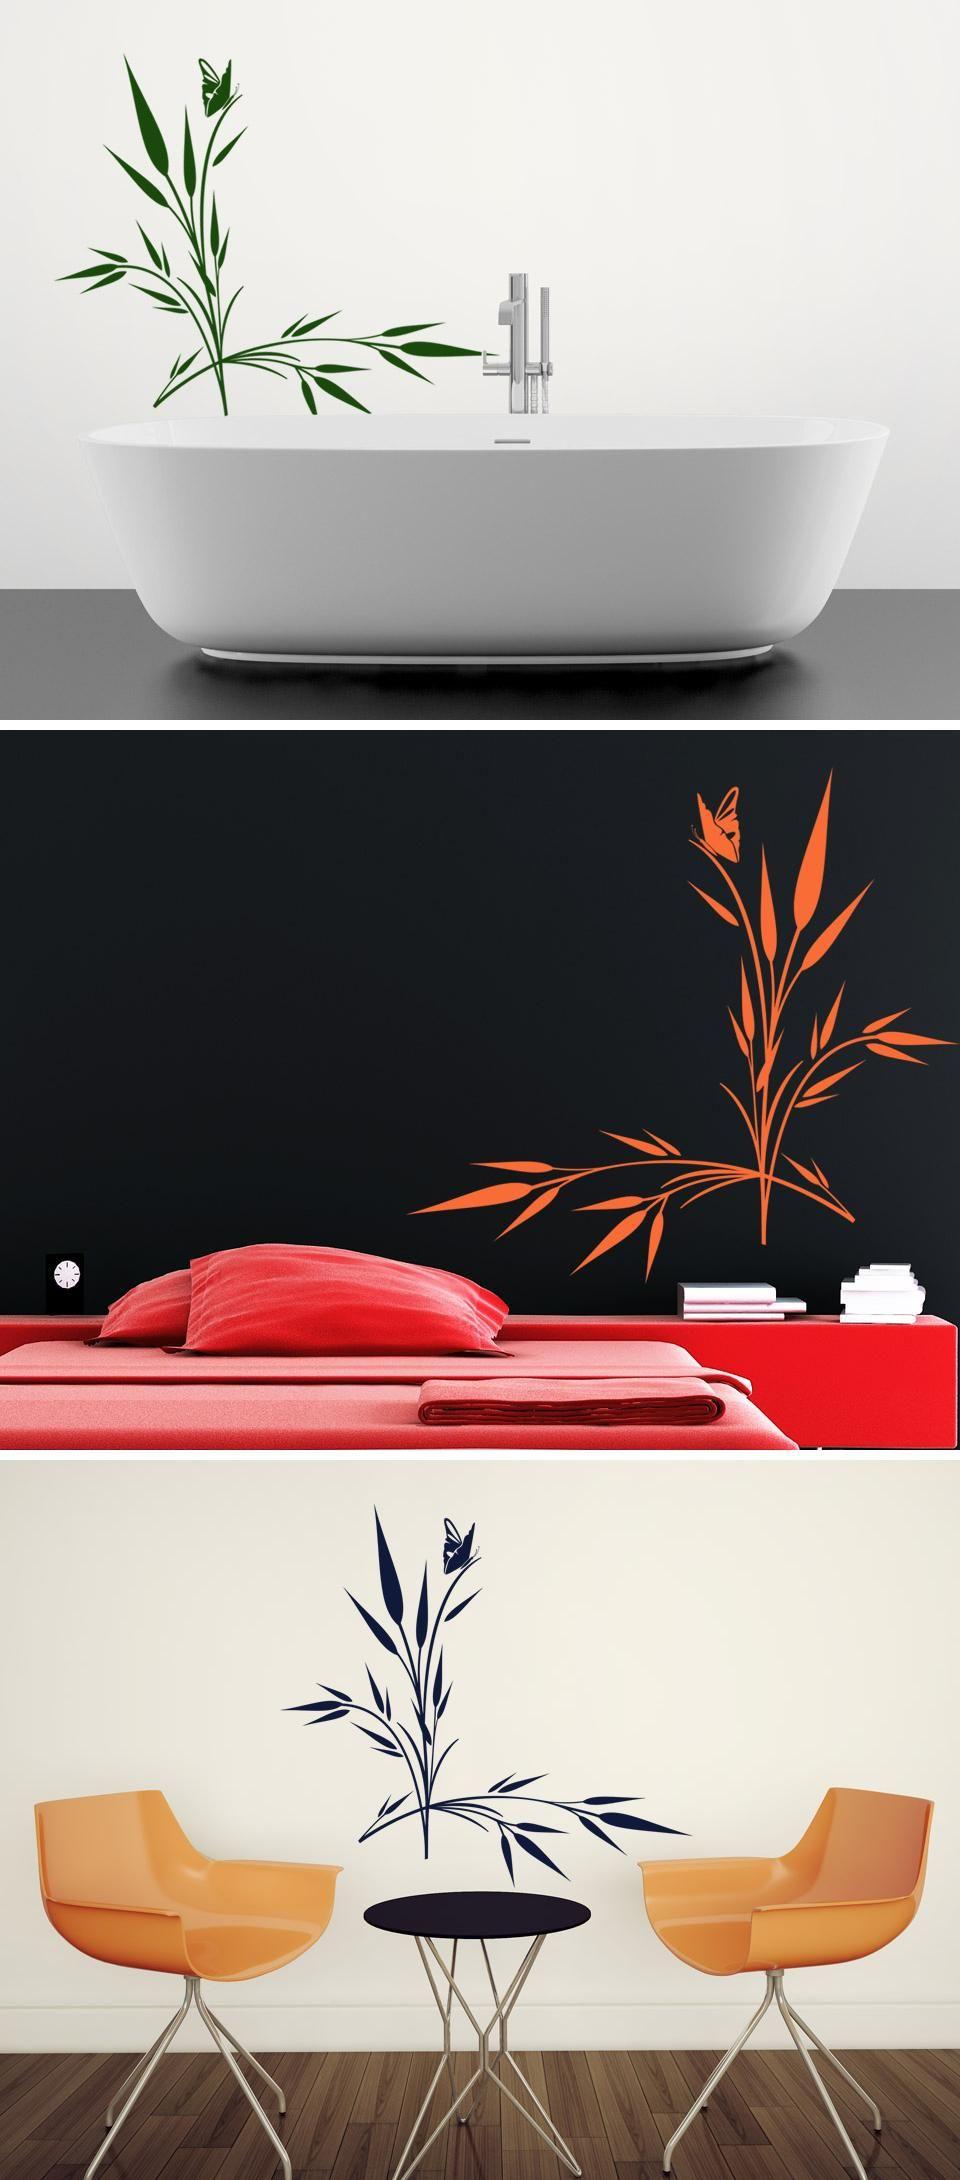 Wandtattoo Grashalme Mit Schmetterling Von Wandtattoo.com